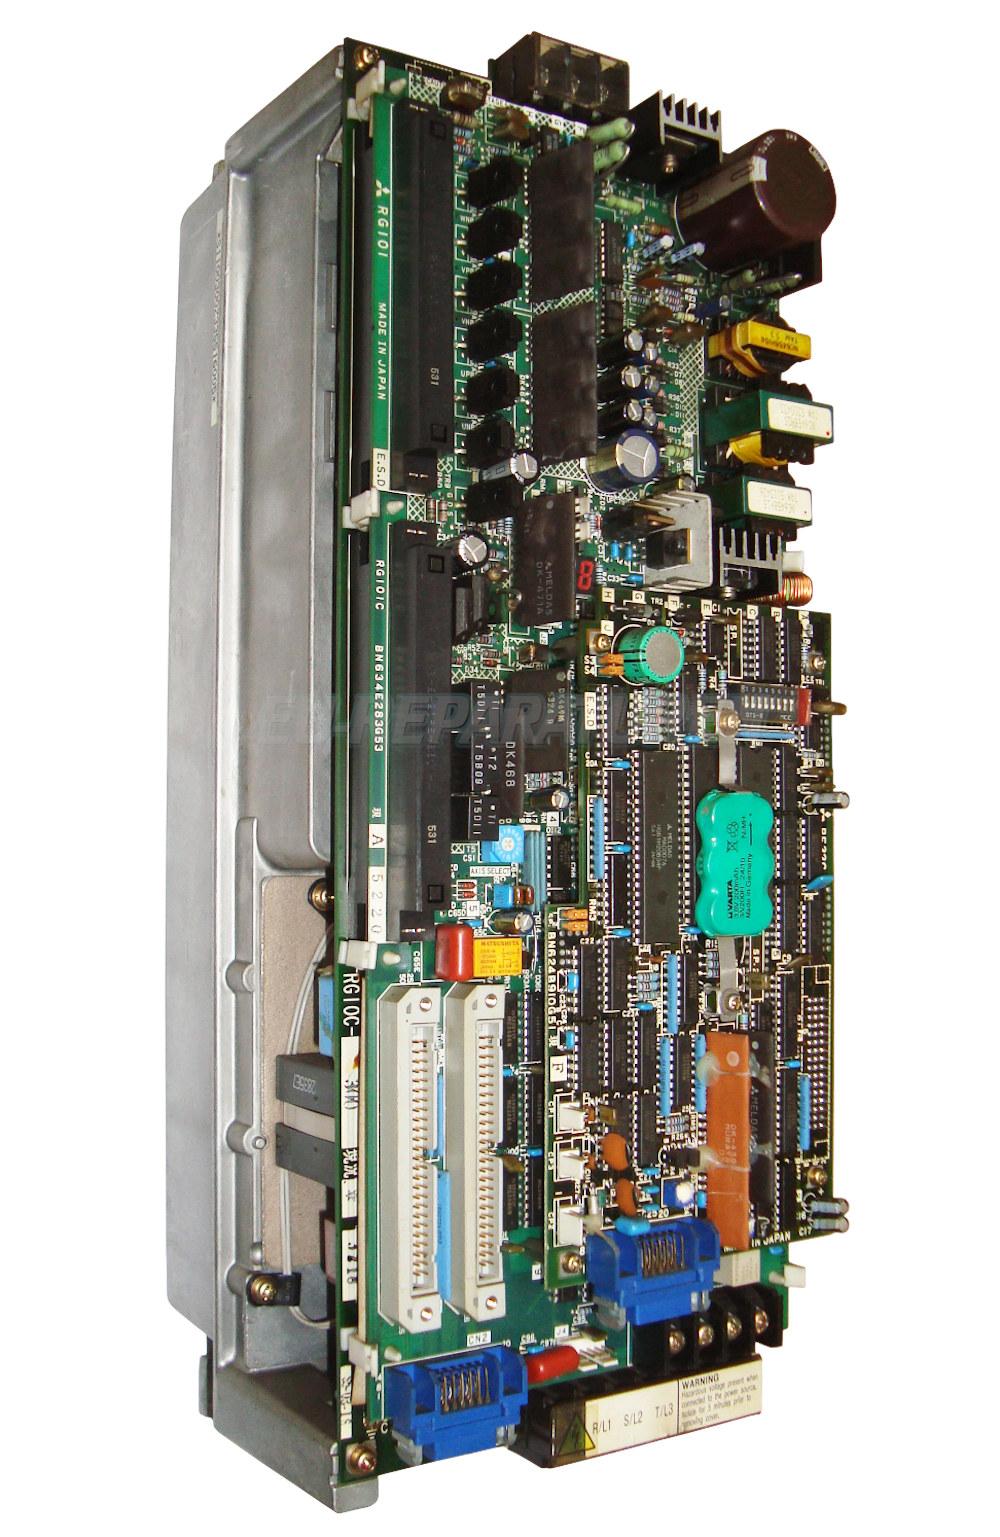 SHOP, Kaufen: MITSUBISHI ELECTRIC MR-S11-300-Z33 FREQUENZUMFORMER